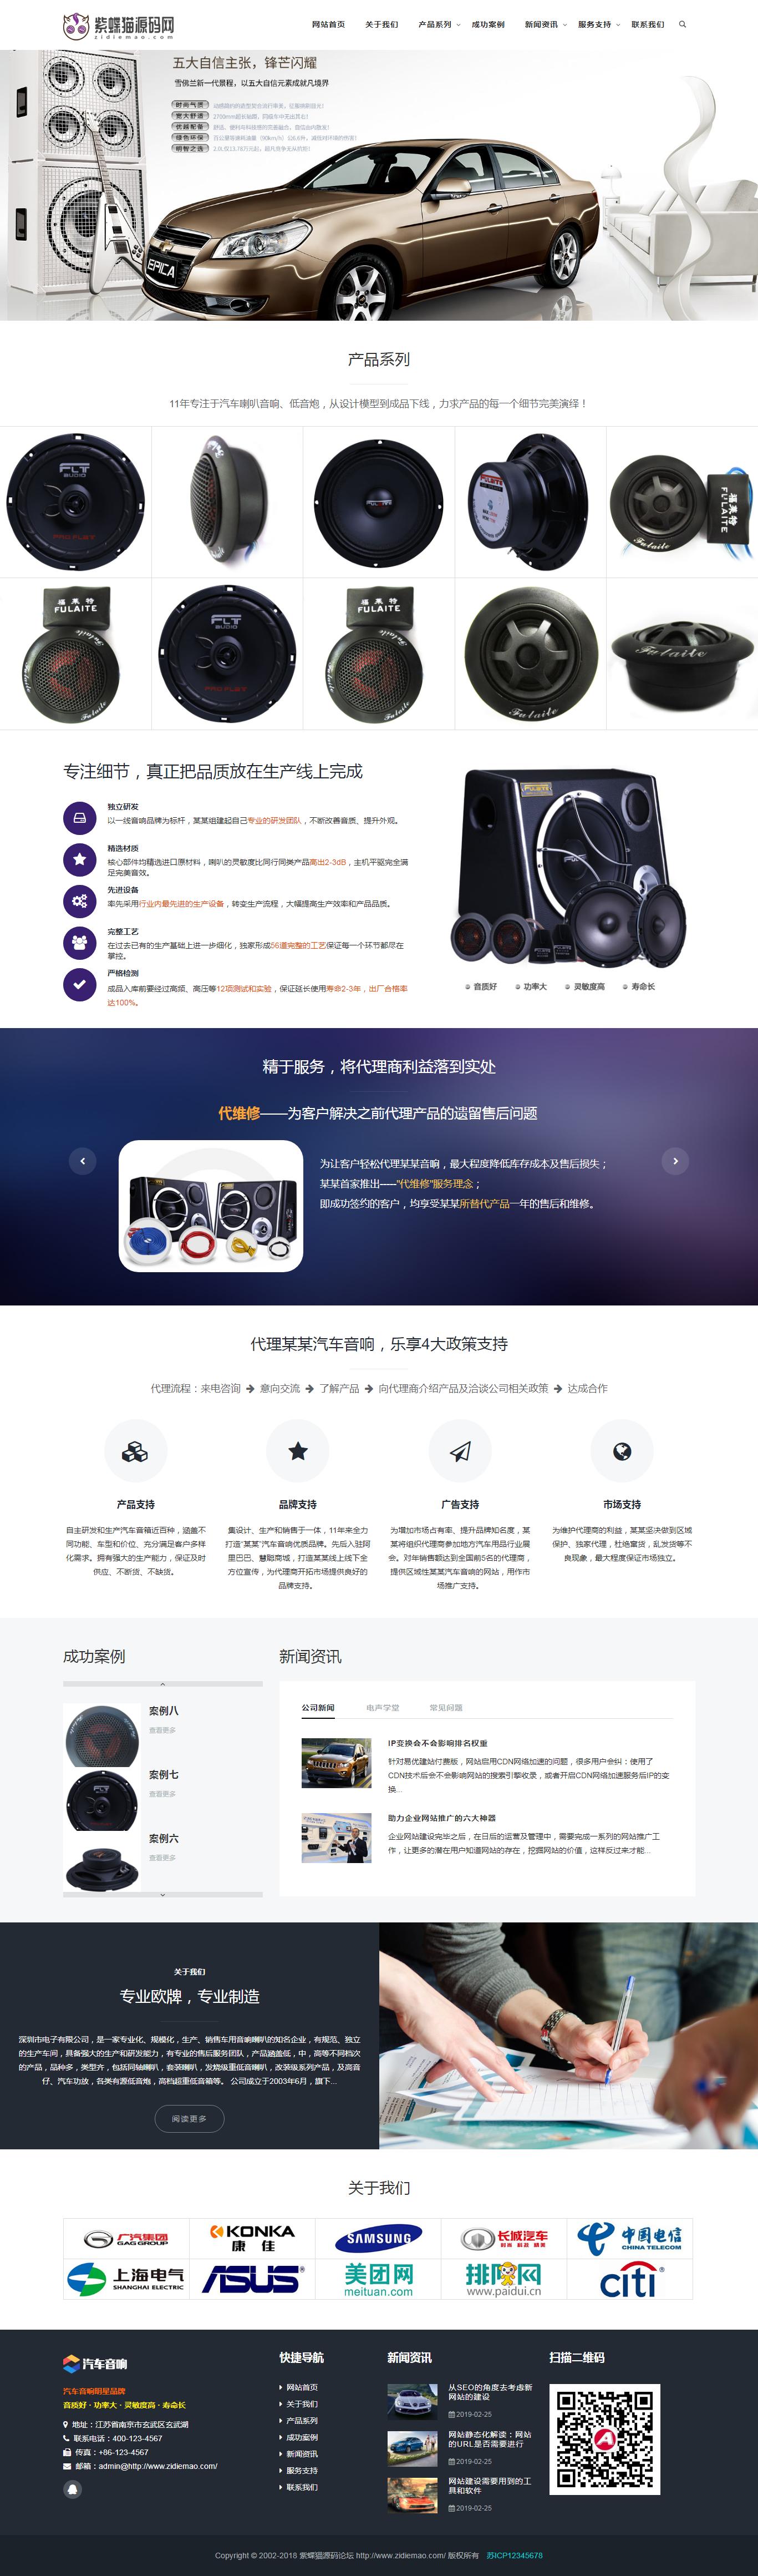 电子产品网站织梦模板